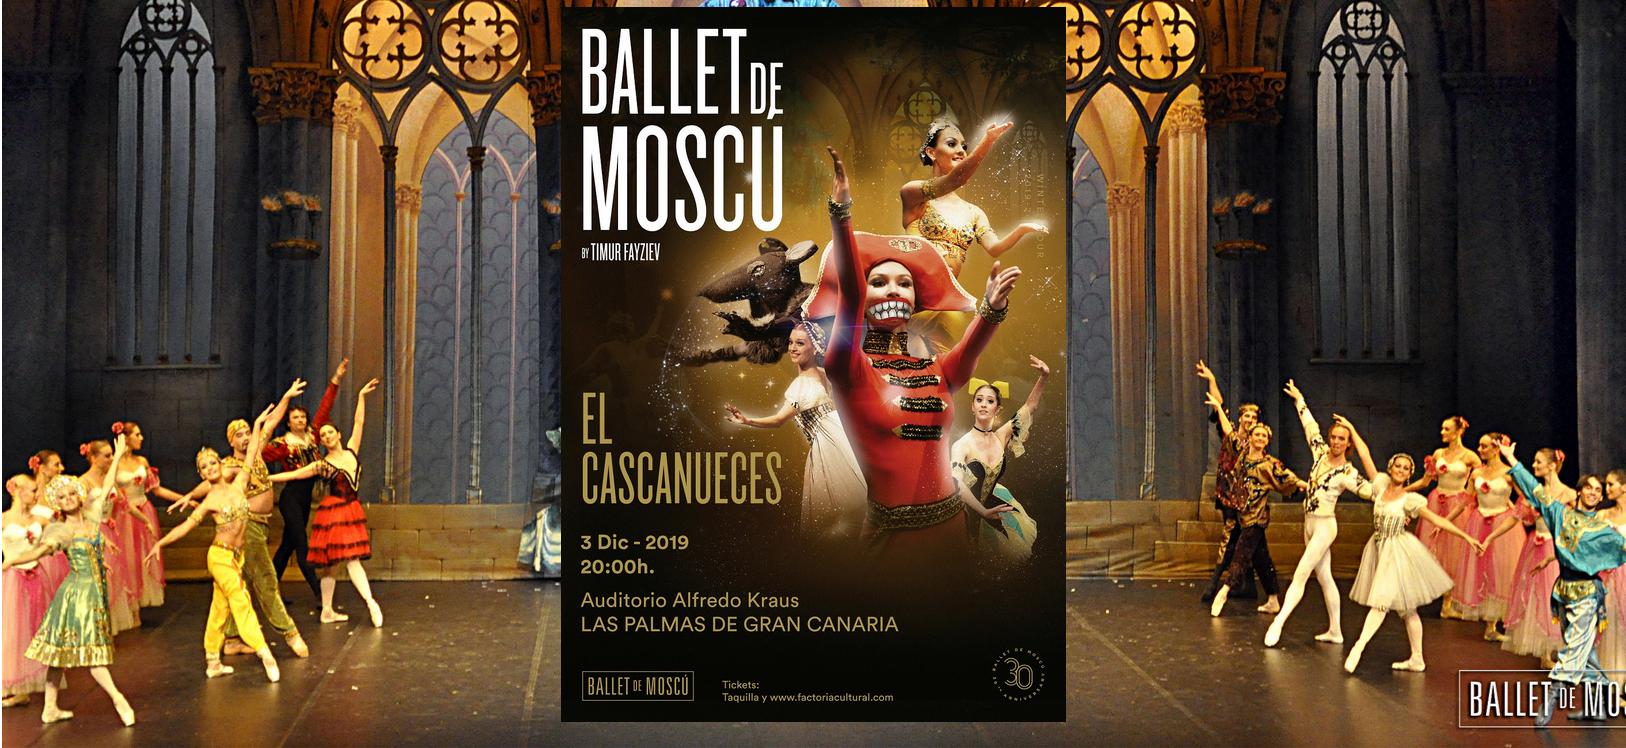 """Foto del Ballet de Moscú con bailarines de fondo y el cartel de """"El Cascanueces"""" en el centro."""